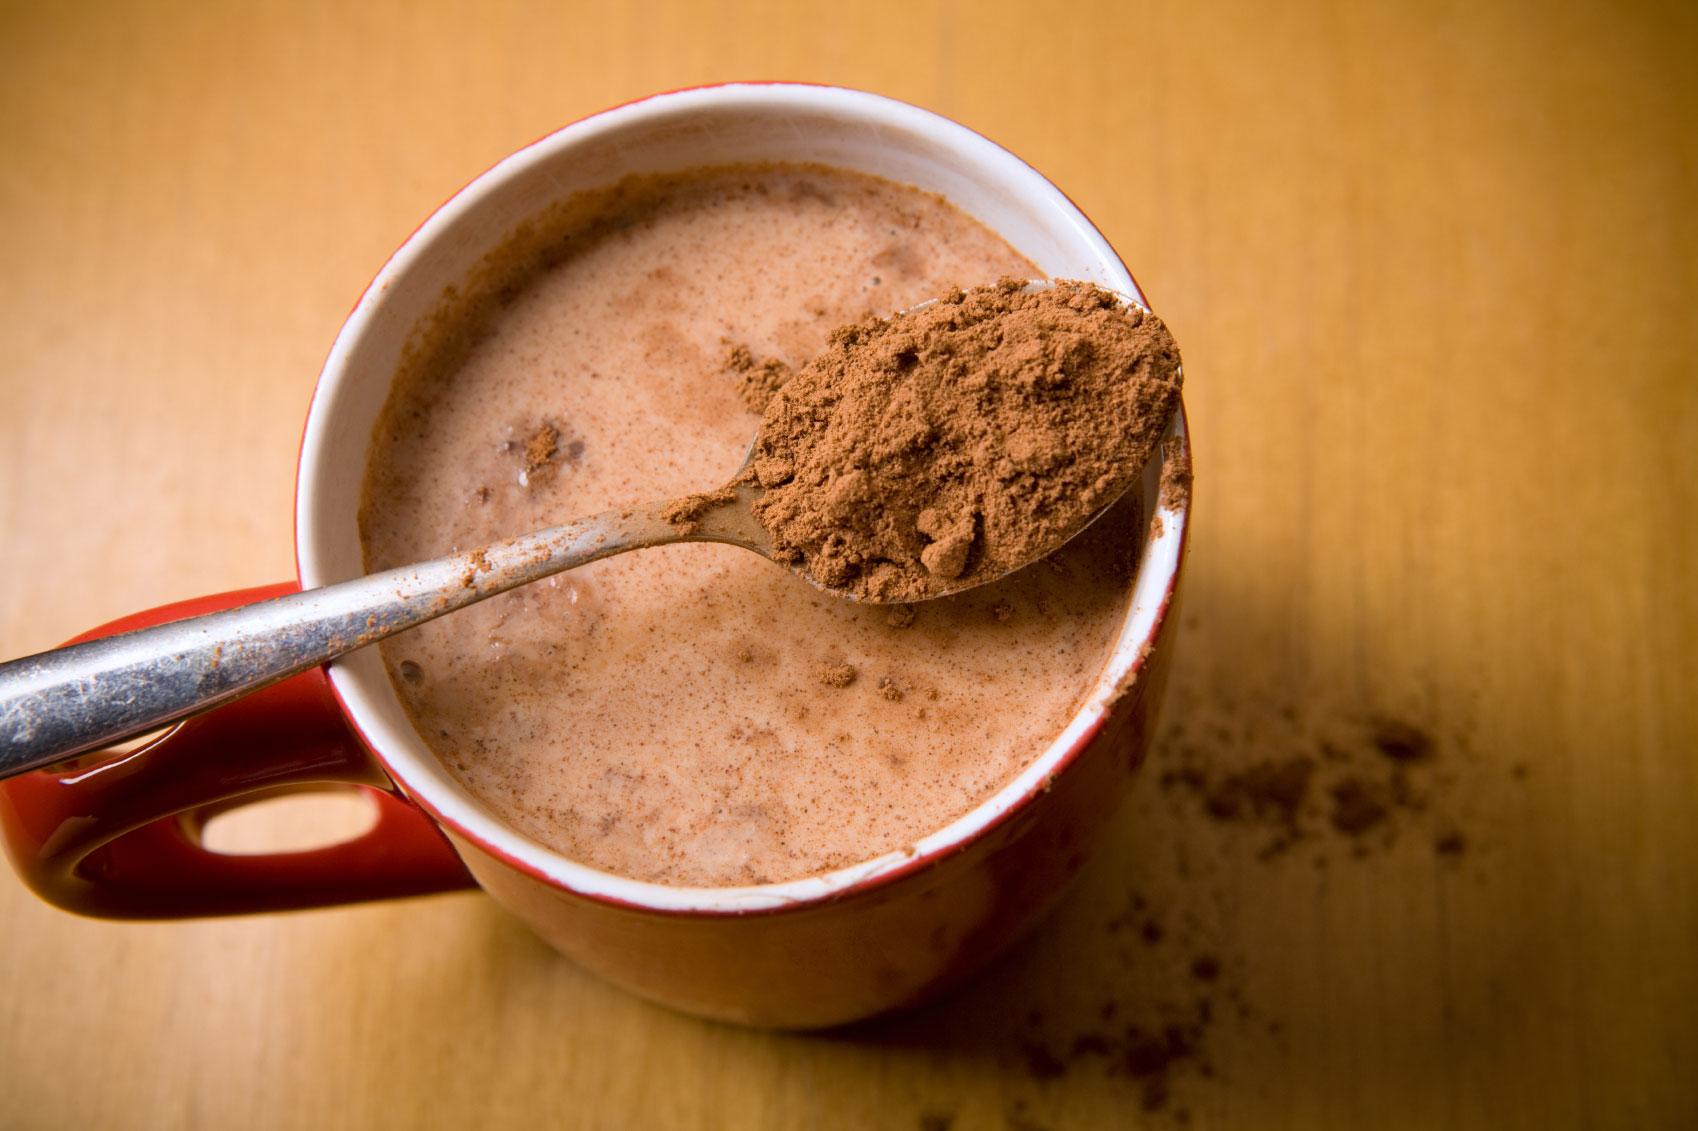 الكاكاو غني بالفوائد الصحية